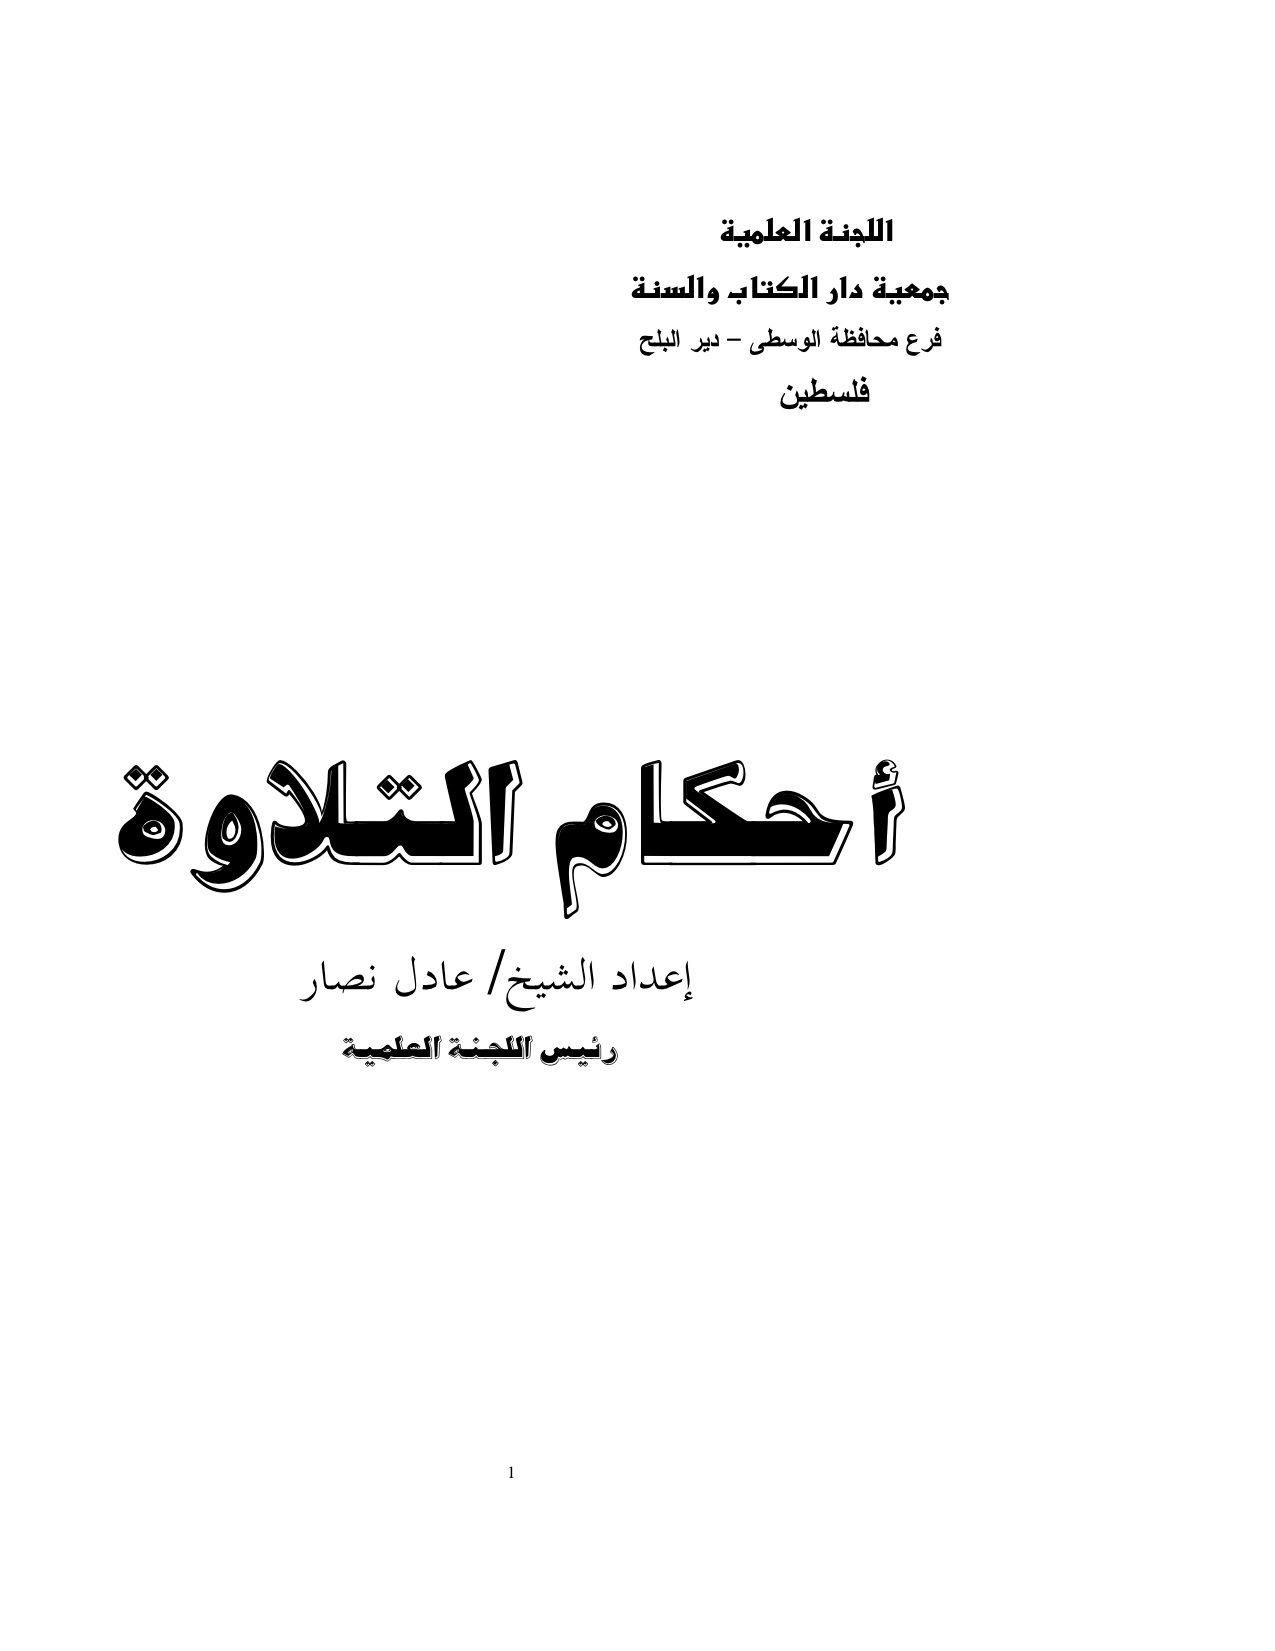 ahkam_altelawa